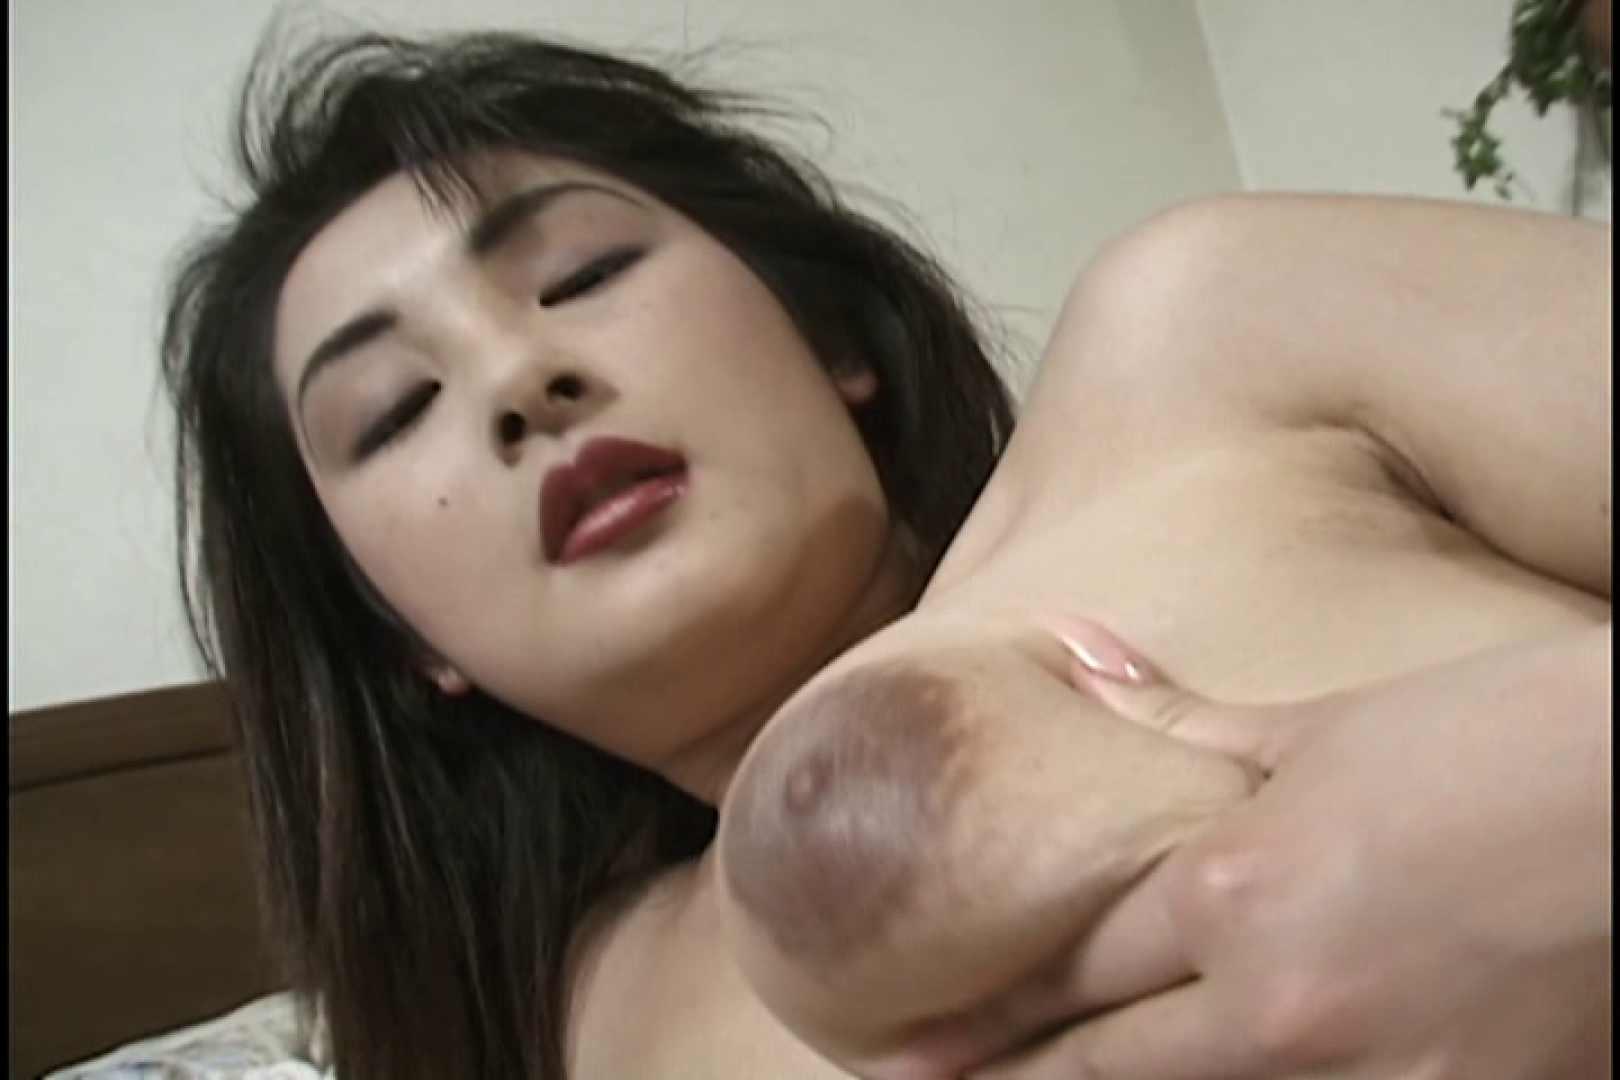 エロフェロモン全開の90センチ巨乳の淫乱人妻とSEX~篠崎麻美~ バイブ  69pic 33